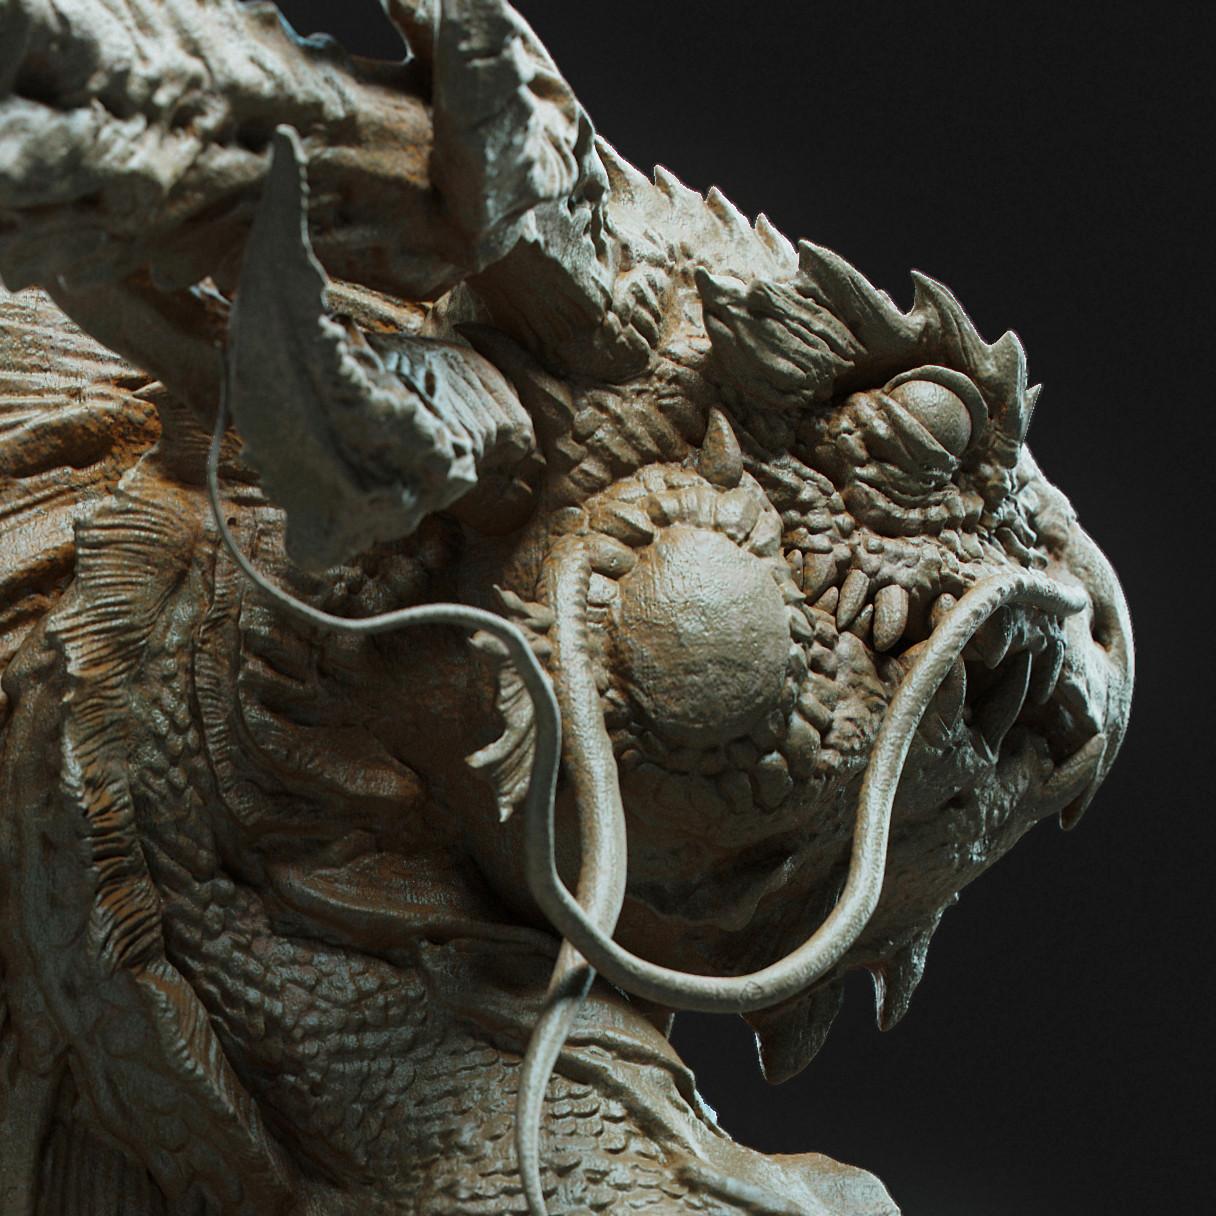 Zhelong xu zhelong xu dragonball0ee3